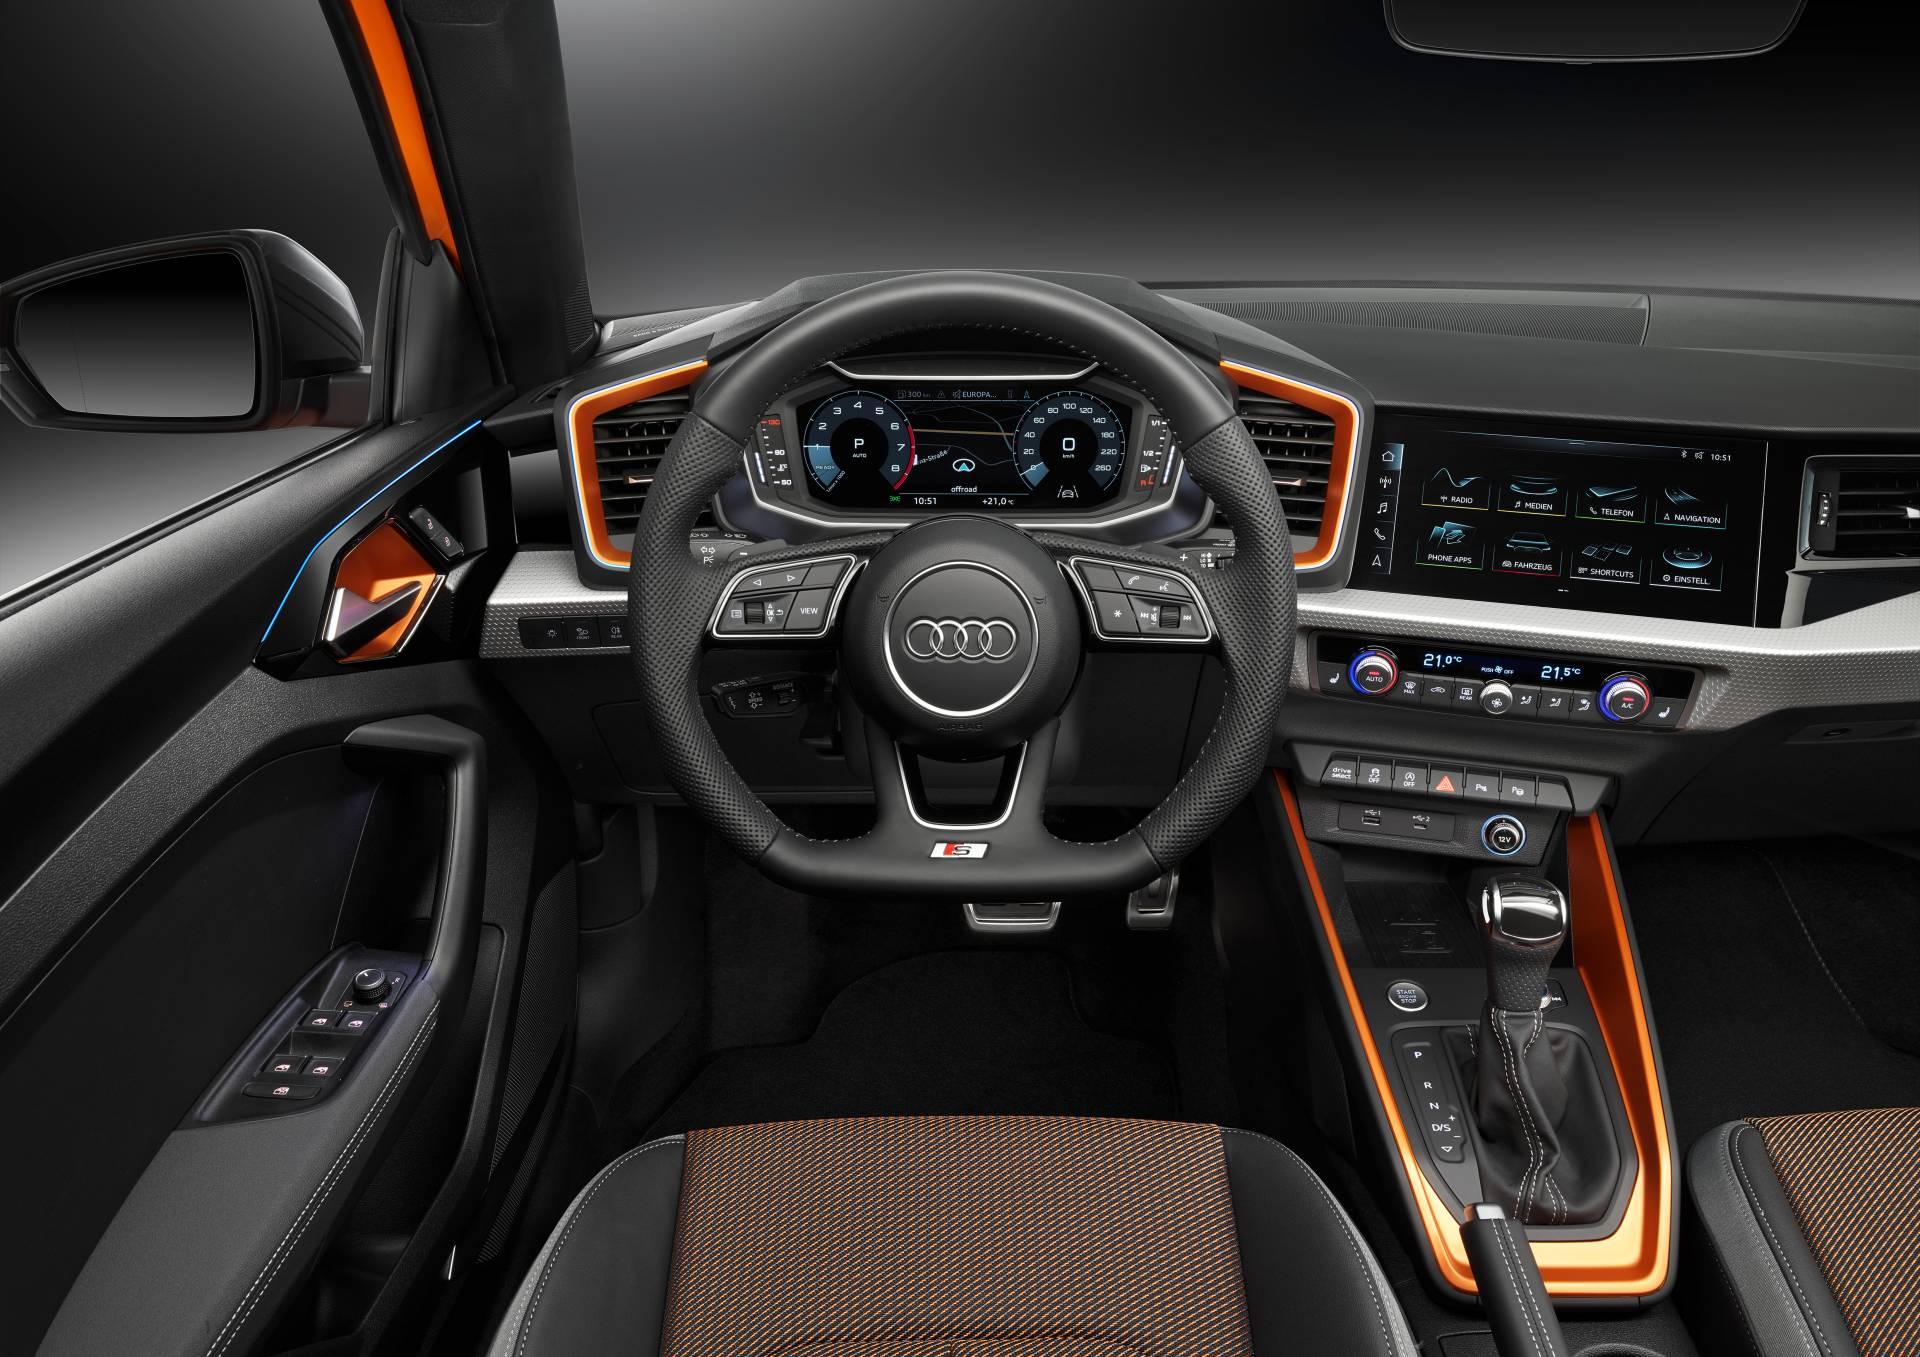 Audi A1 Citycarver 2020 ra mắt phiên bản hatchback gầm cao, tiện dụng cho đô thị - 7